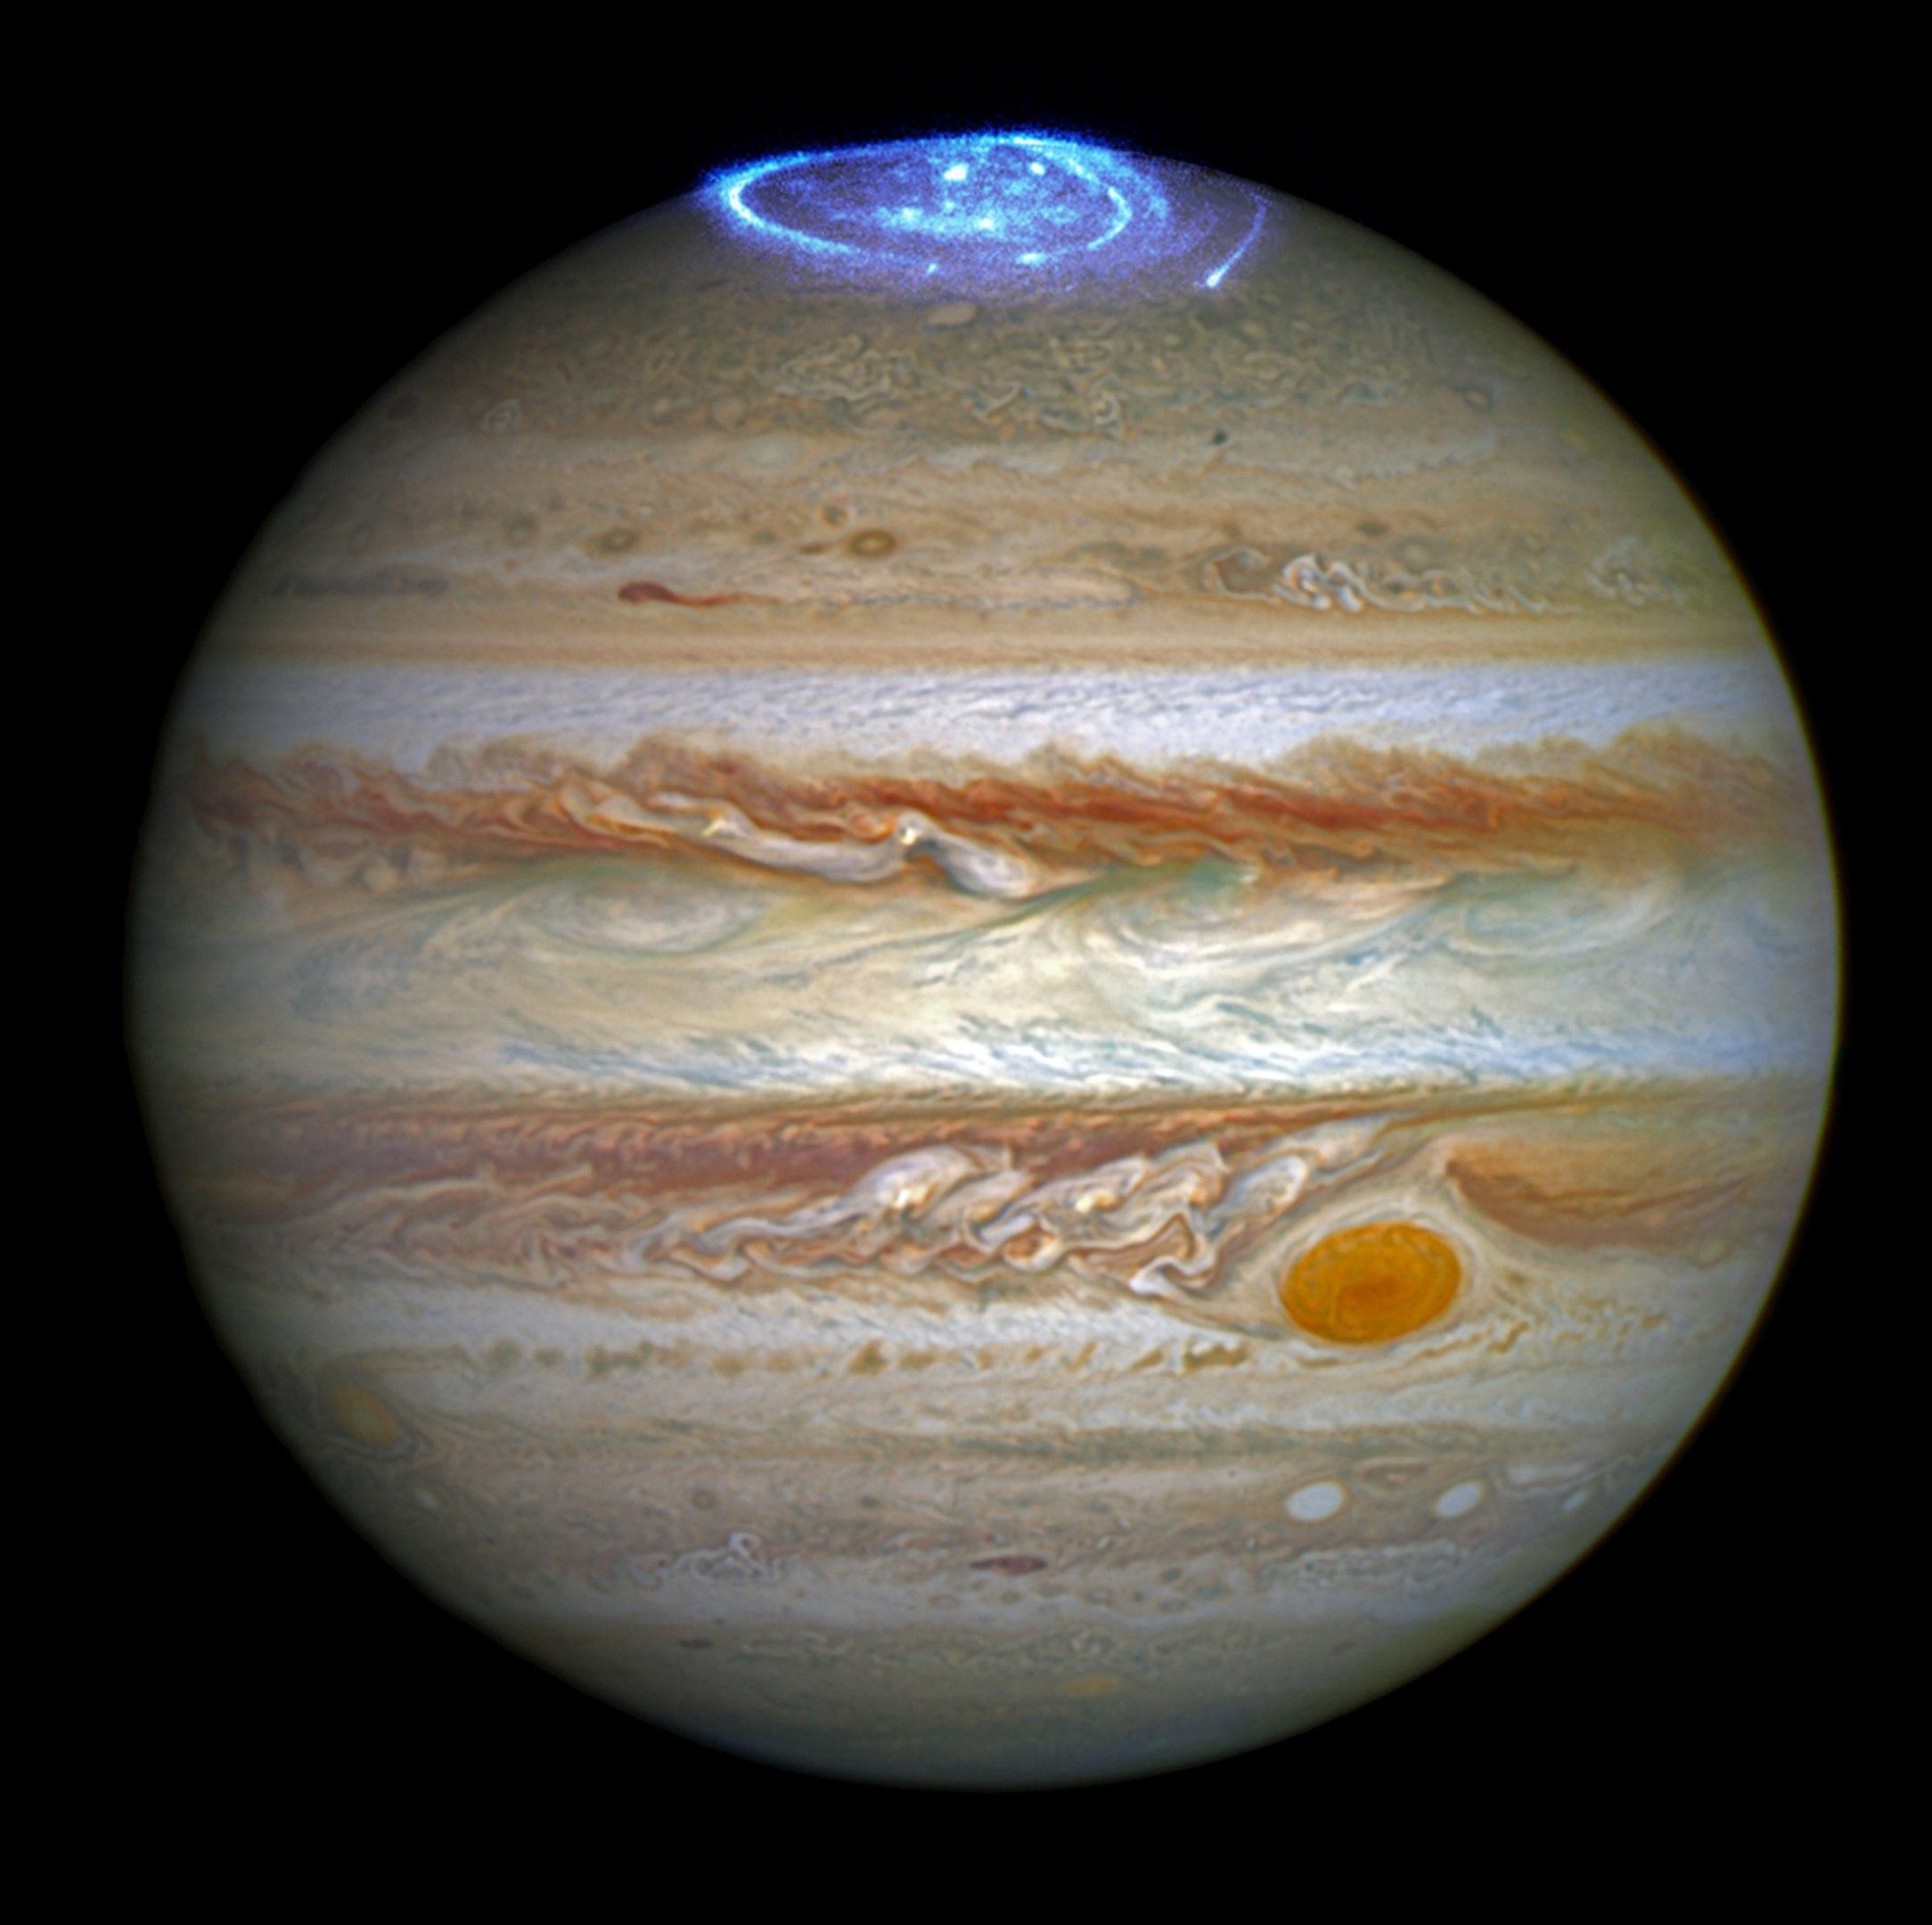 jupiter aurora, jupiter aurora photo, jupiter aurora video, jupiter northern lights, juno jupiter aurora, auroras jupiter 2016, jupiter aurora 2016 pictures and videos